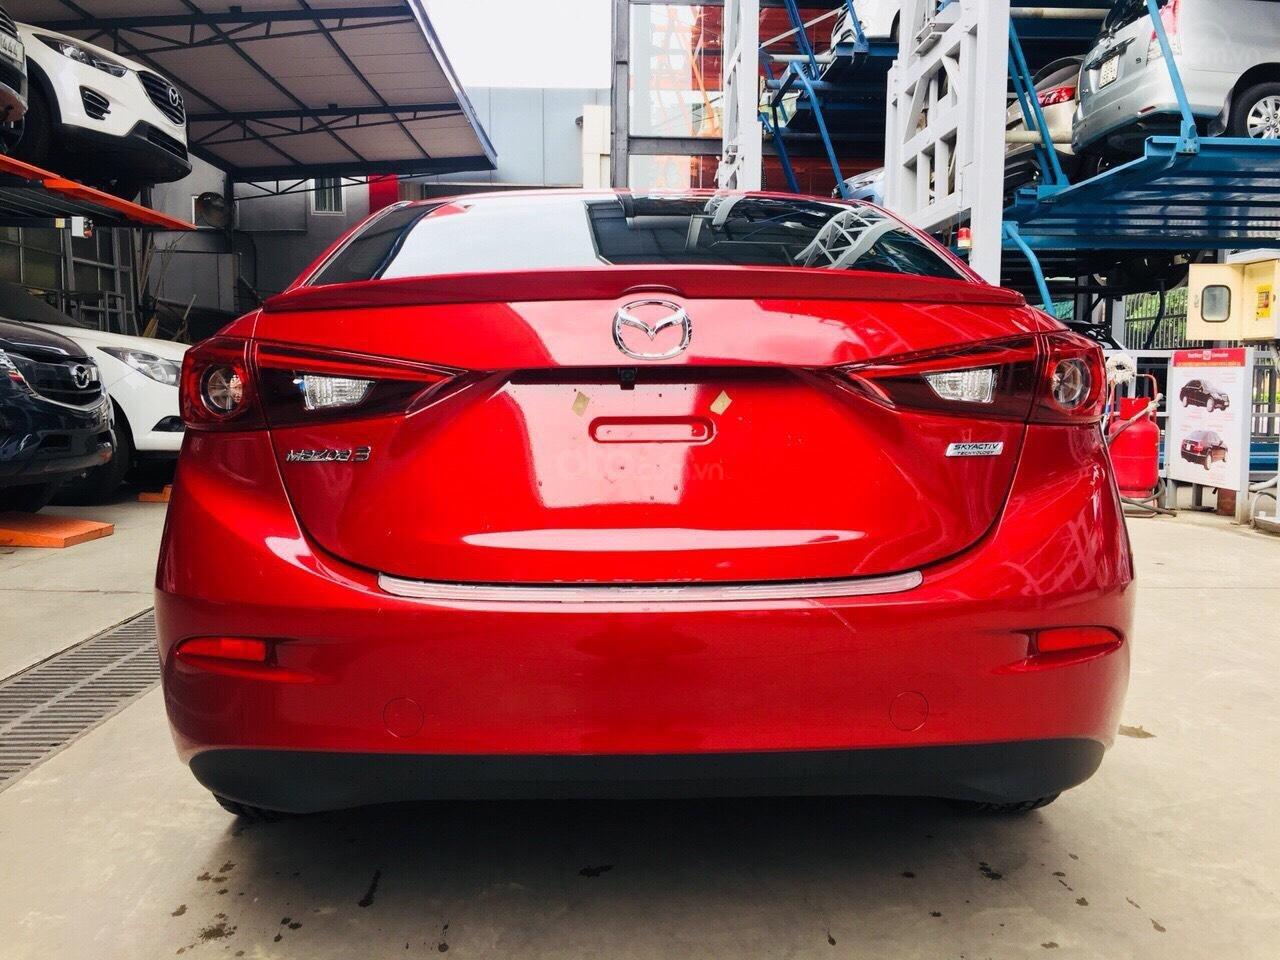 Chỉ 180tr nhận Mazda 3 tháng 10 giảm giá 70tr TG 90%, đủ màu, hỗ trợ ĐKĐK, giải quyết nợ xấu, LH MS thu 0981485819 (6)